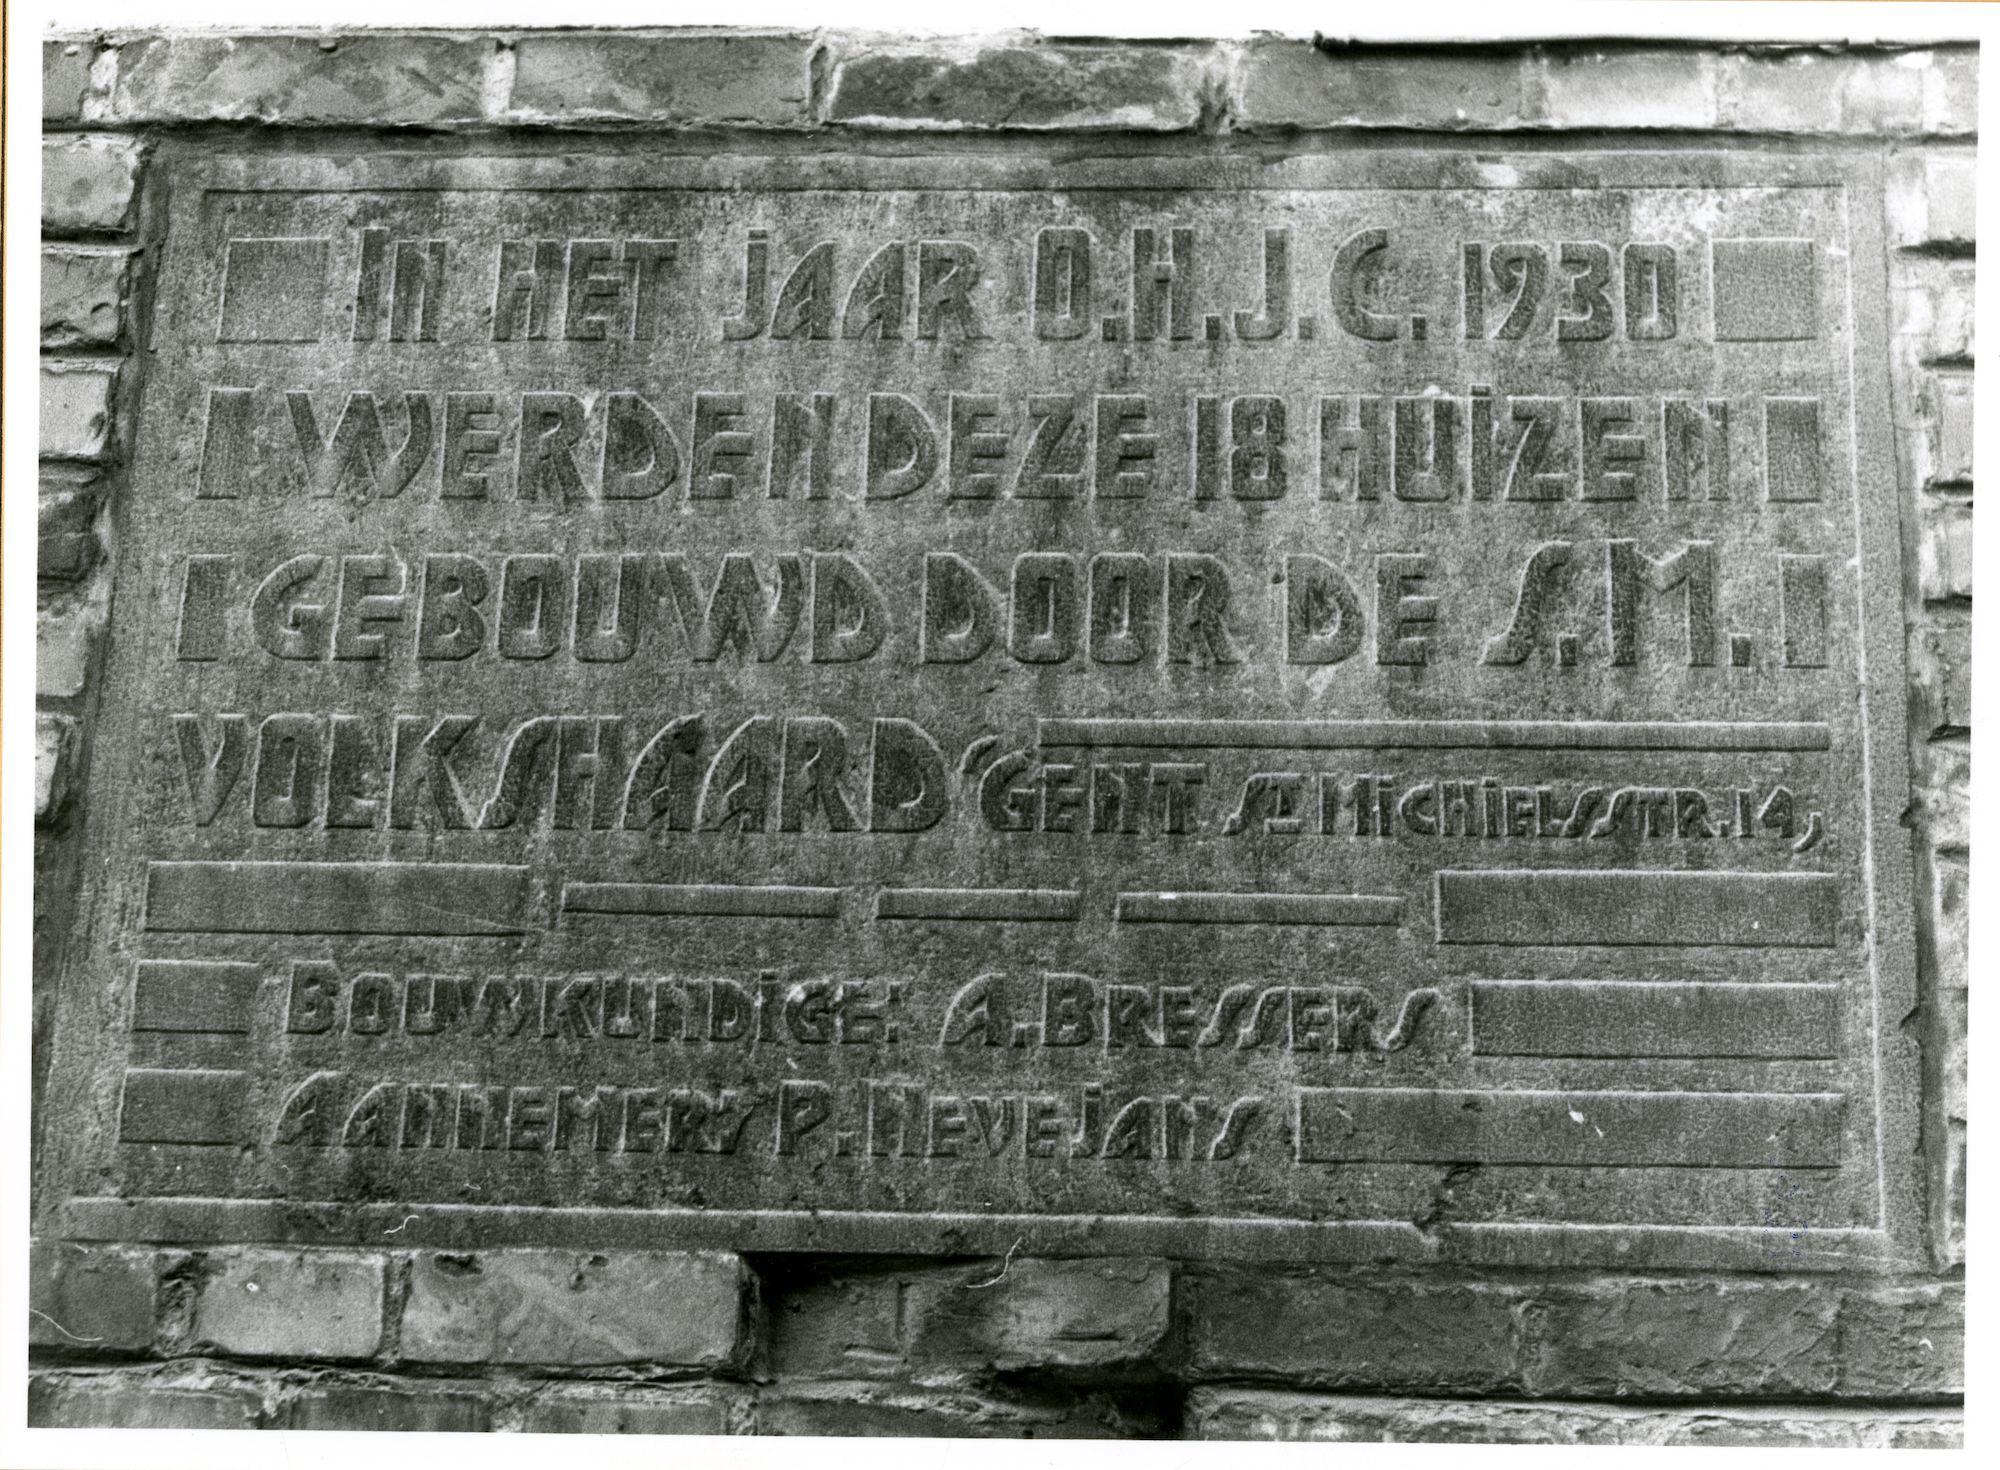 Gent: Klaverstraat 18: Gedenksteen, 1979